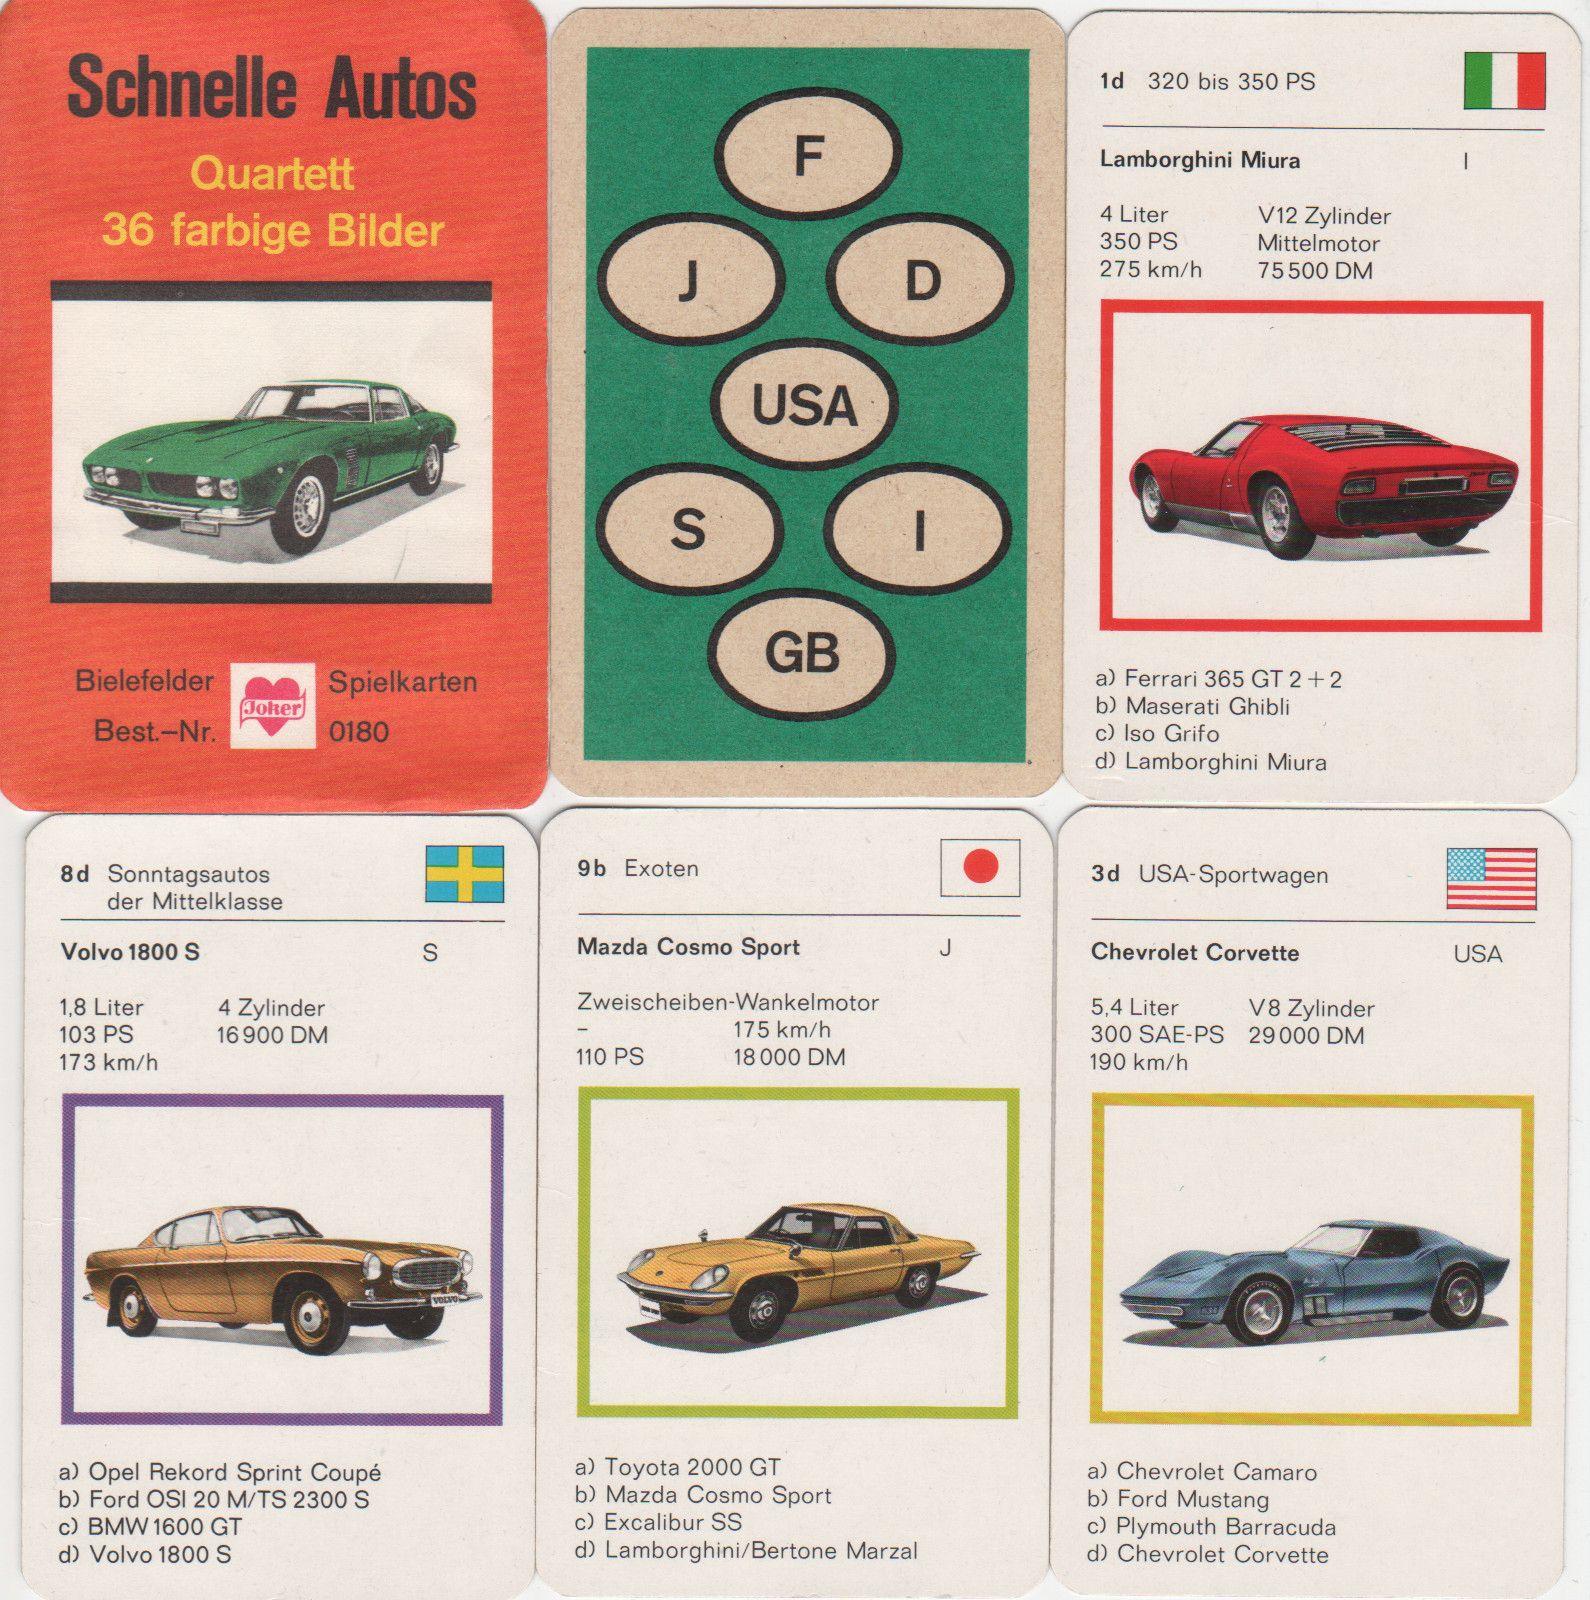 Schnelle Autos (Bielefelder) | Quartettblog